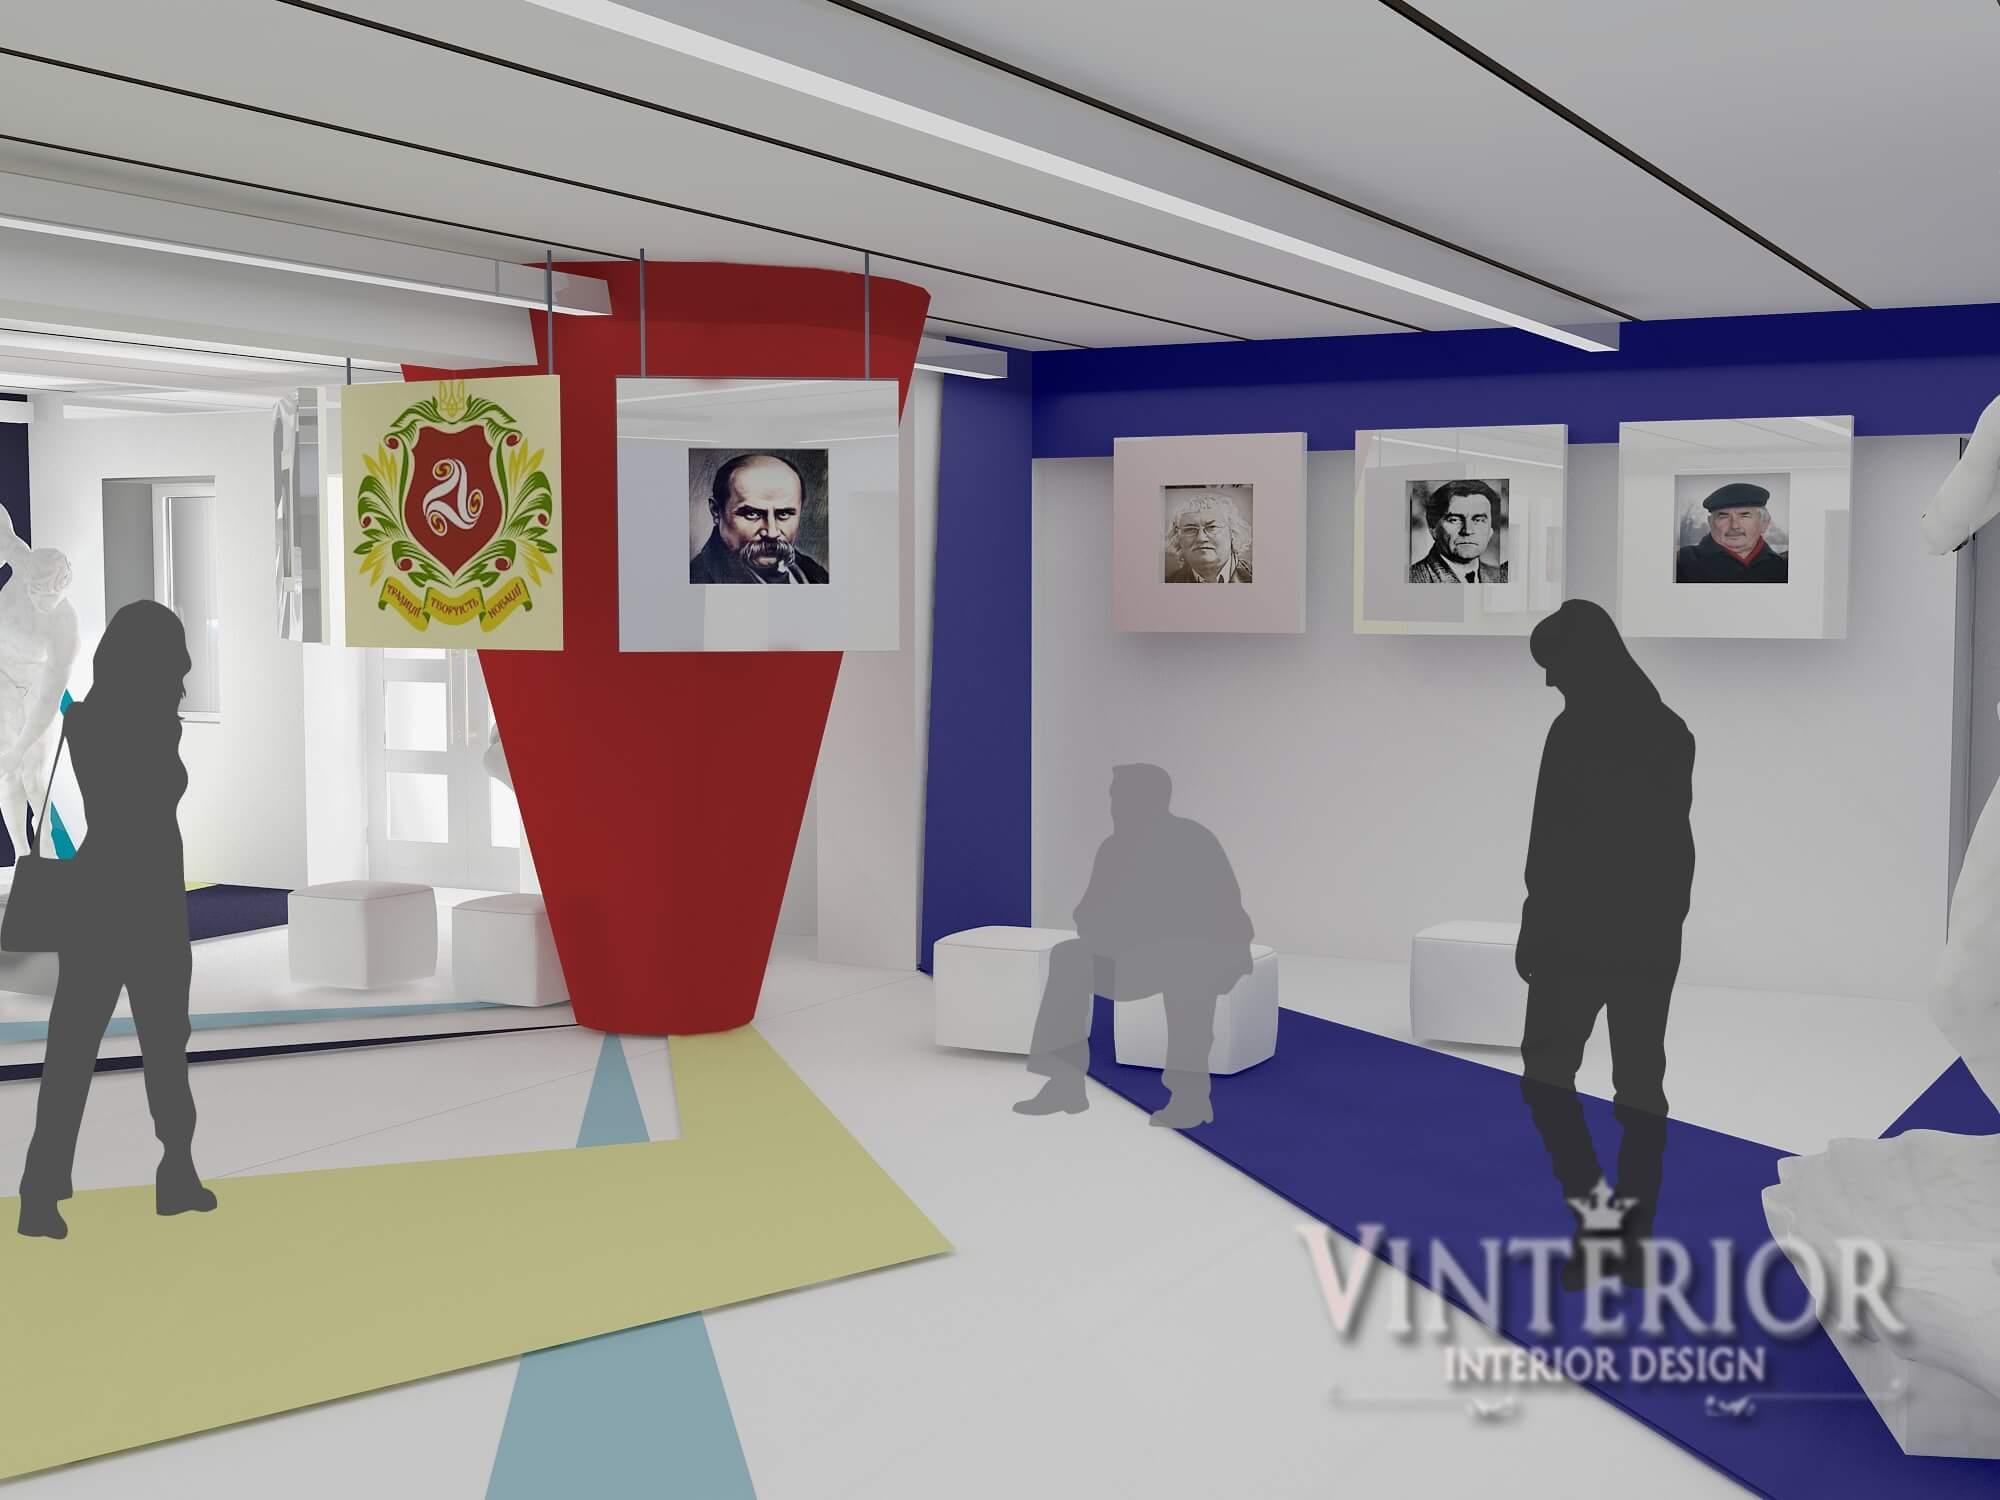 Киевский институт искусства и дизайна им. М. Бойчука, г. Киев